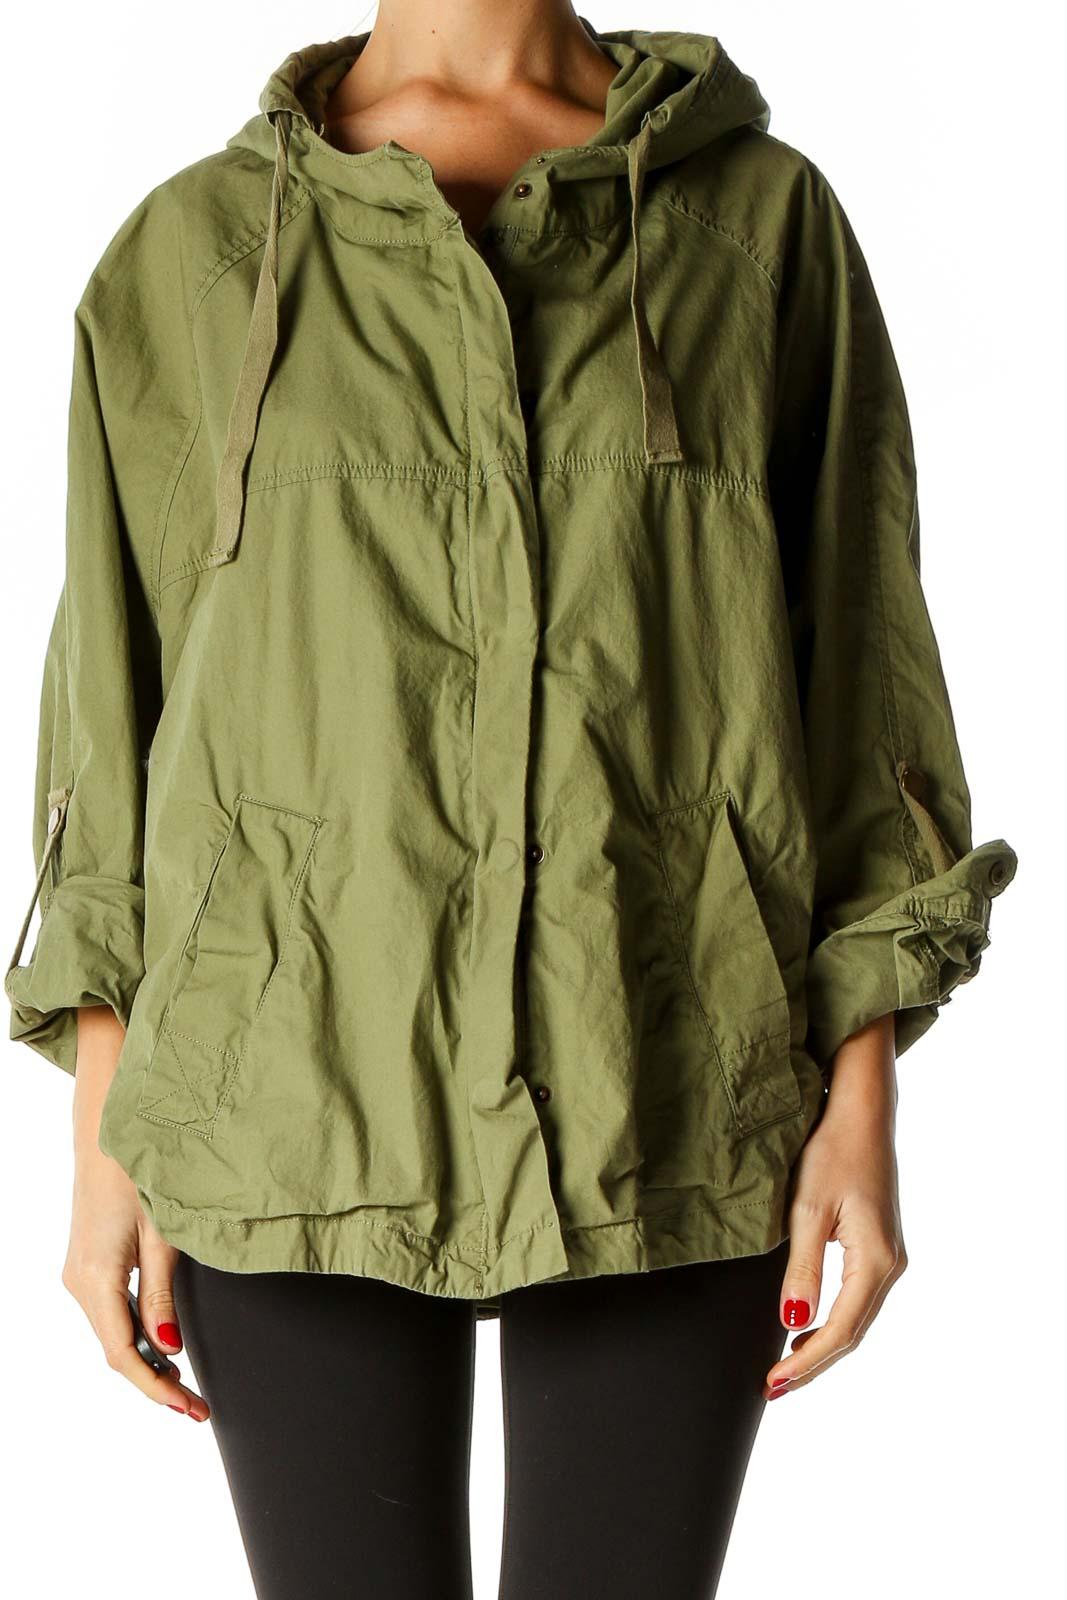 Green Windbreaker Jacket Front